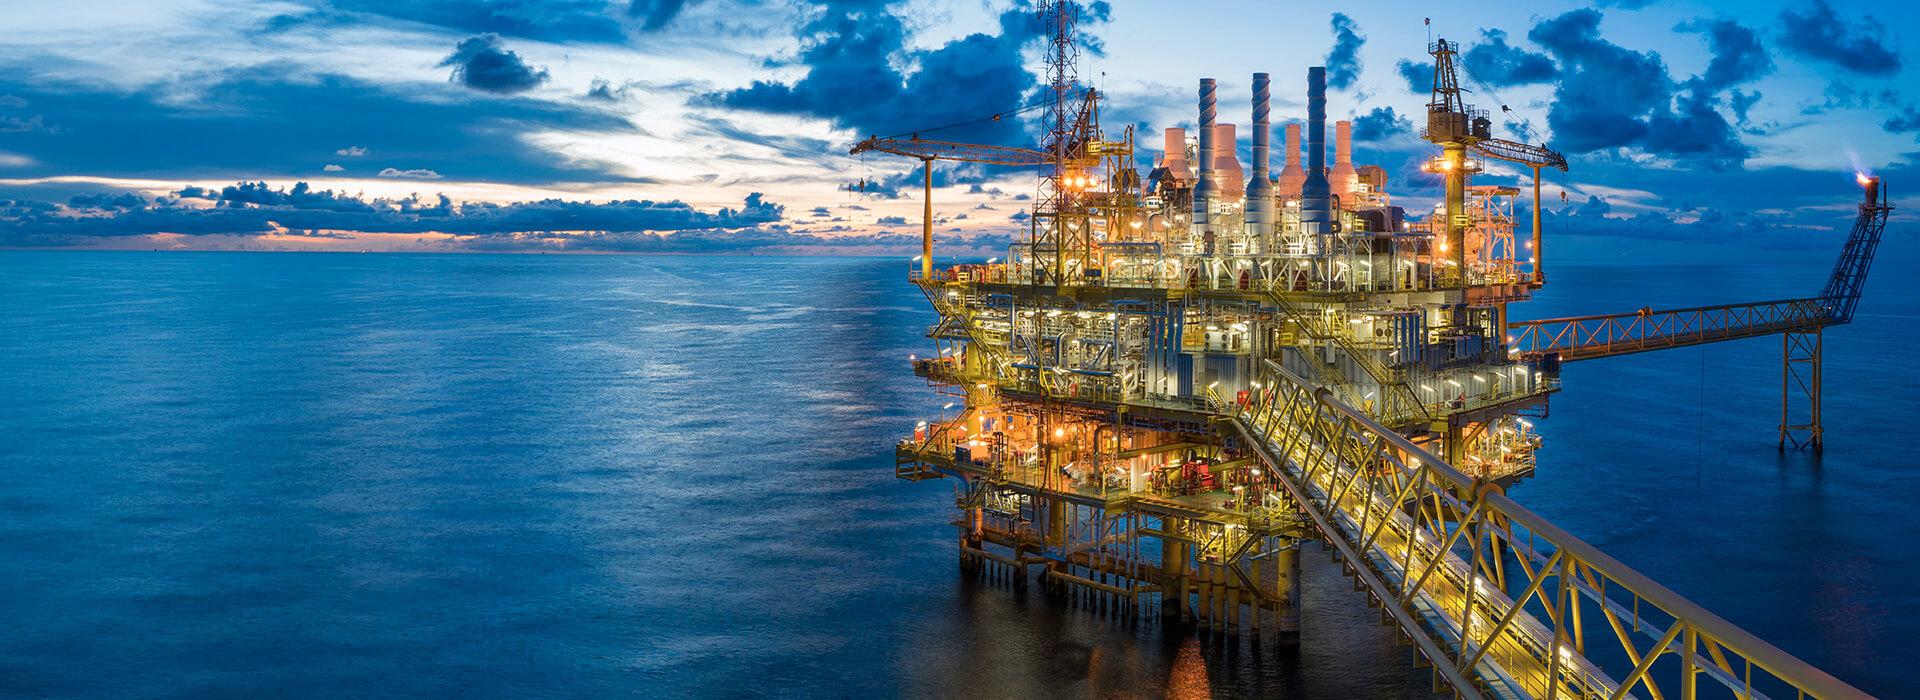 refrigerazione applicazioni marine oilgas energy